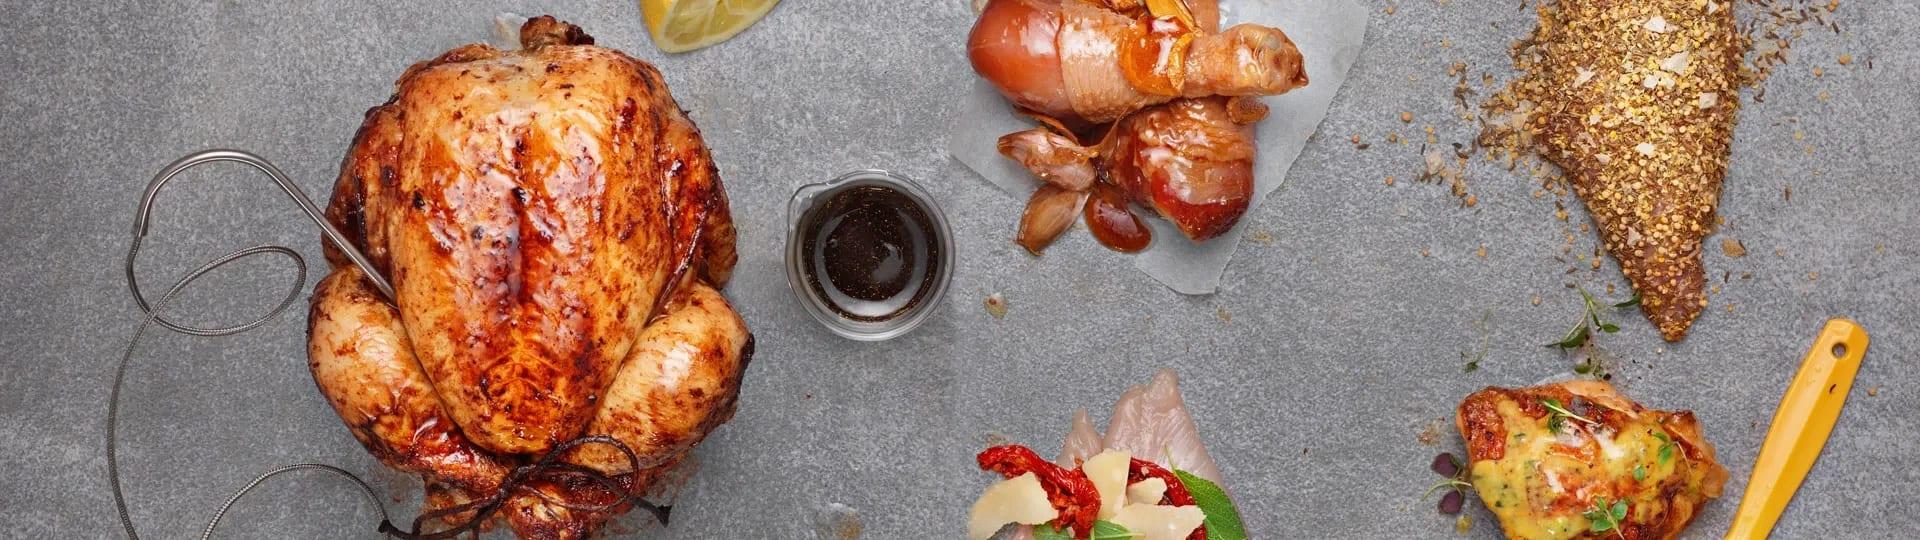 vad kan man krydda kyckling med